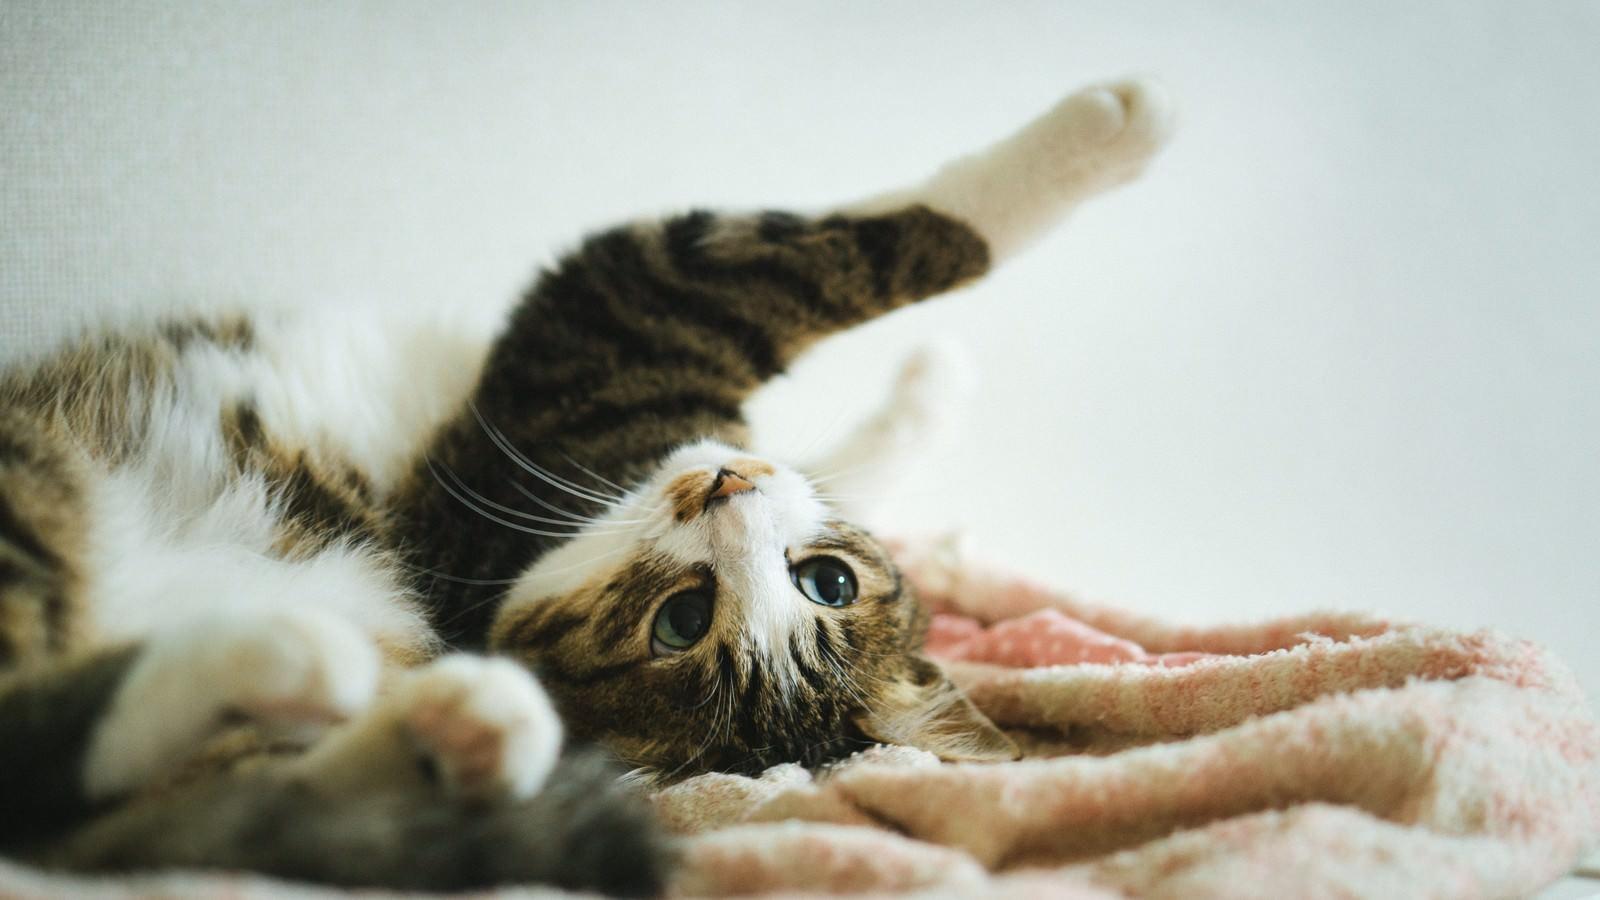 「ソイ!(猫)ソイ!(猫)」のフリー写真素材を拡大